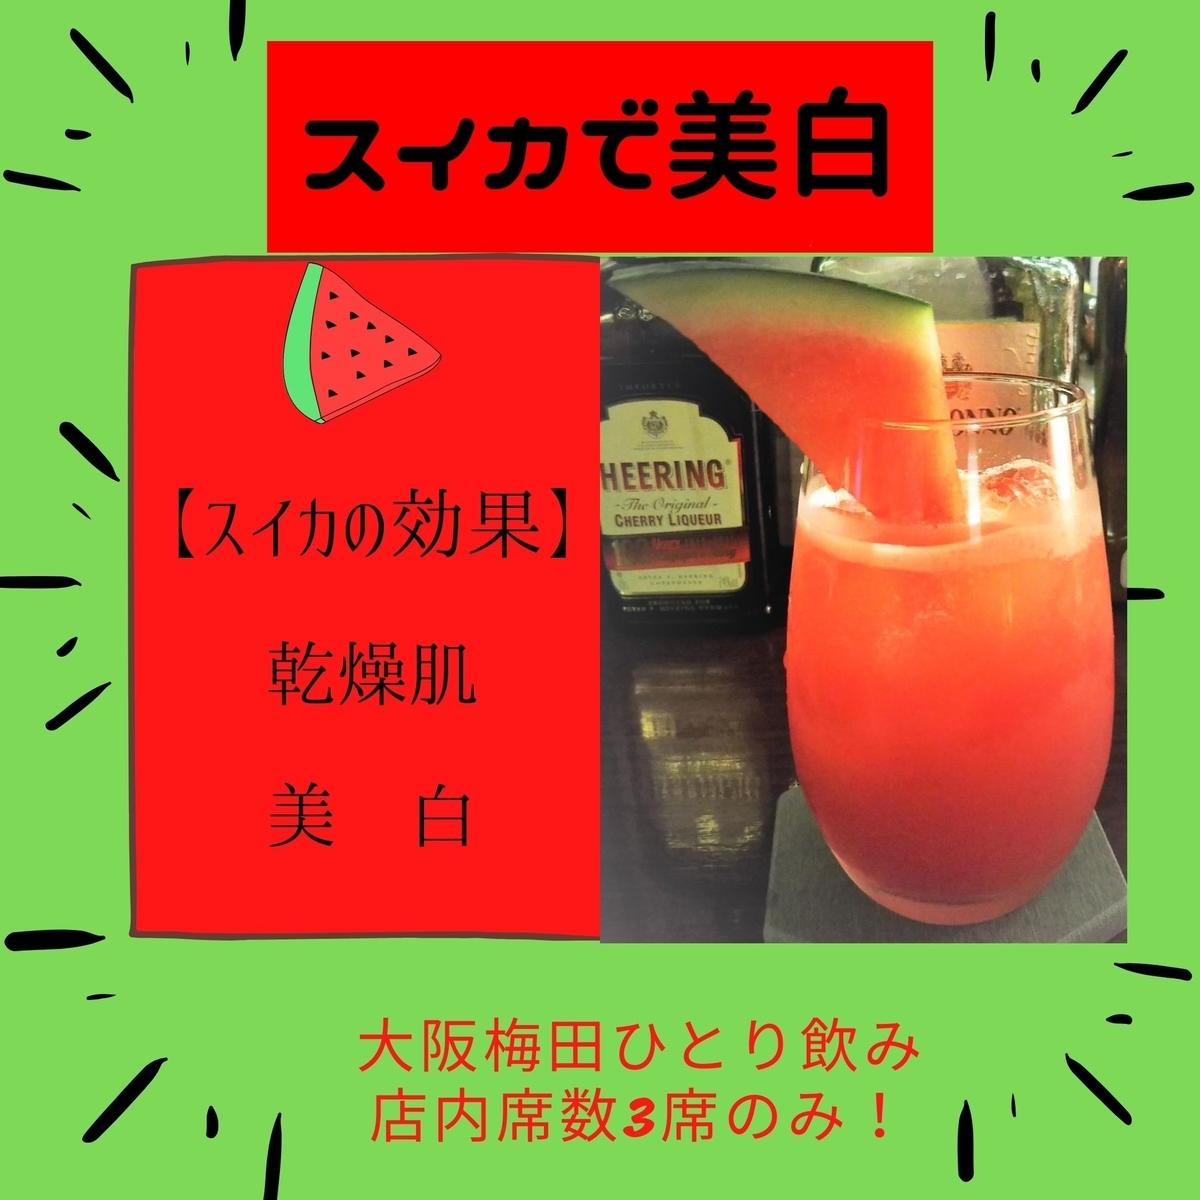 大阪美白効果ありスイカカクテル、梅田昼飲みカフェバー運、すいかノンアルカクテル、すいかのライムエード